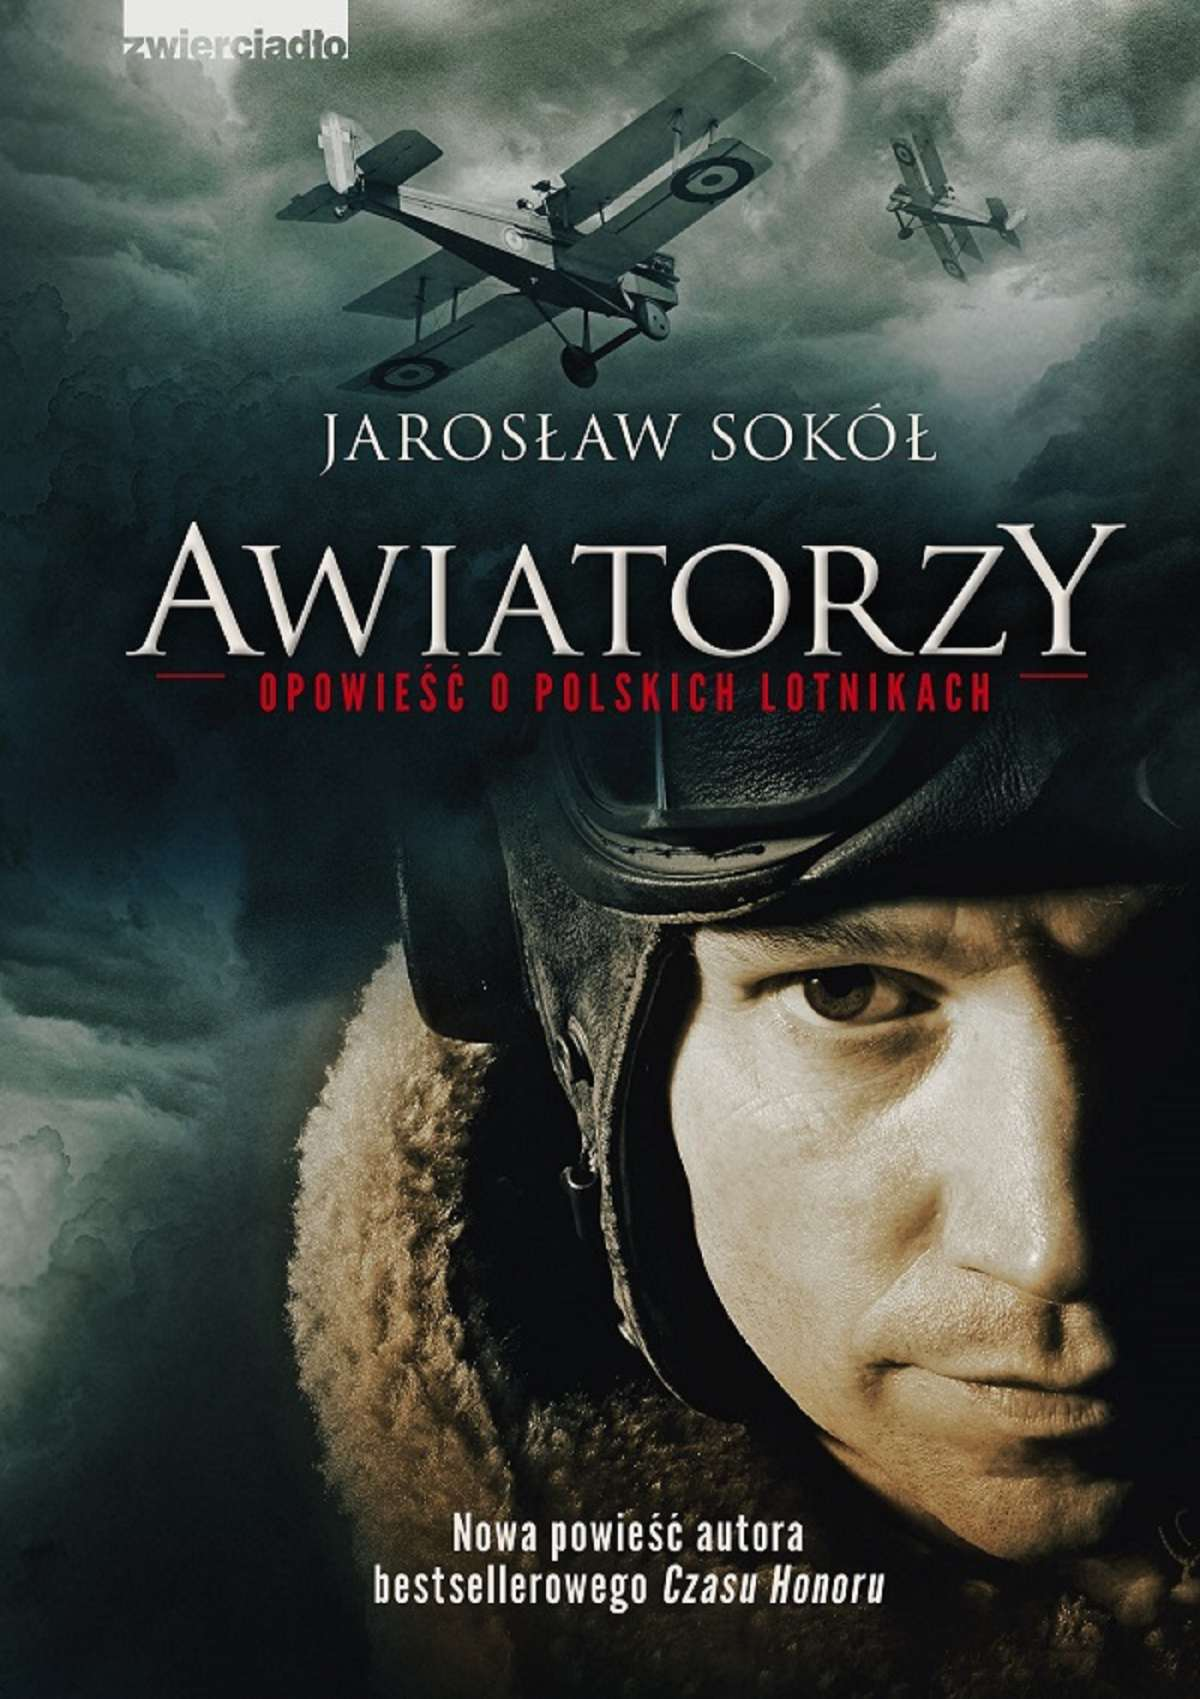 Awiatorzy - Opowieść o polskich lotnikach - Ebook (Książka na Kindle) do pobrania w formacie MOBI